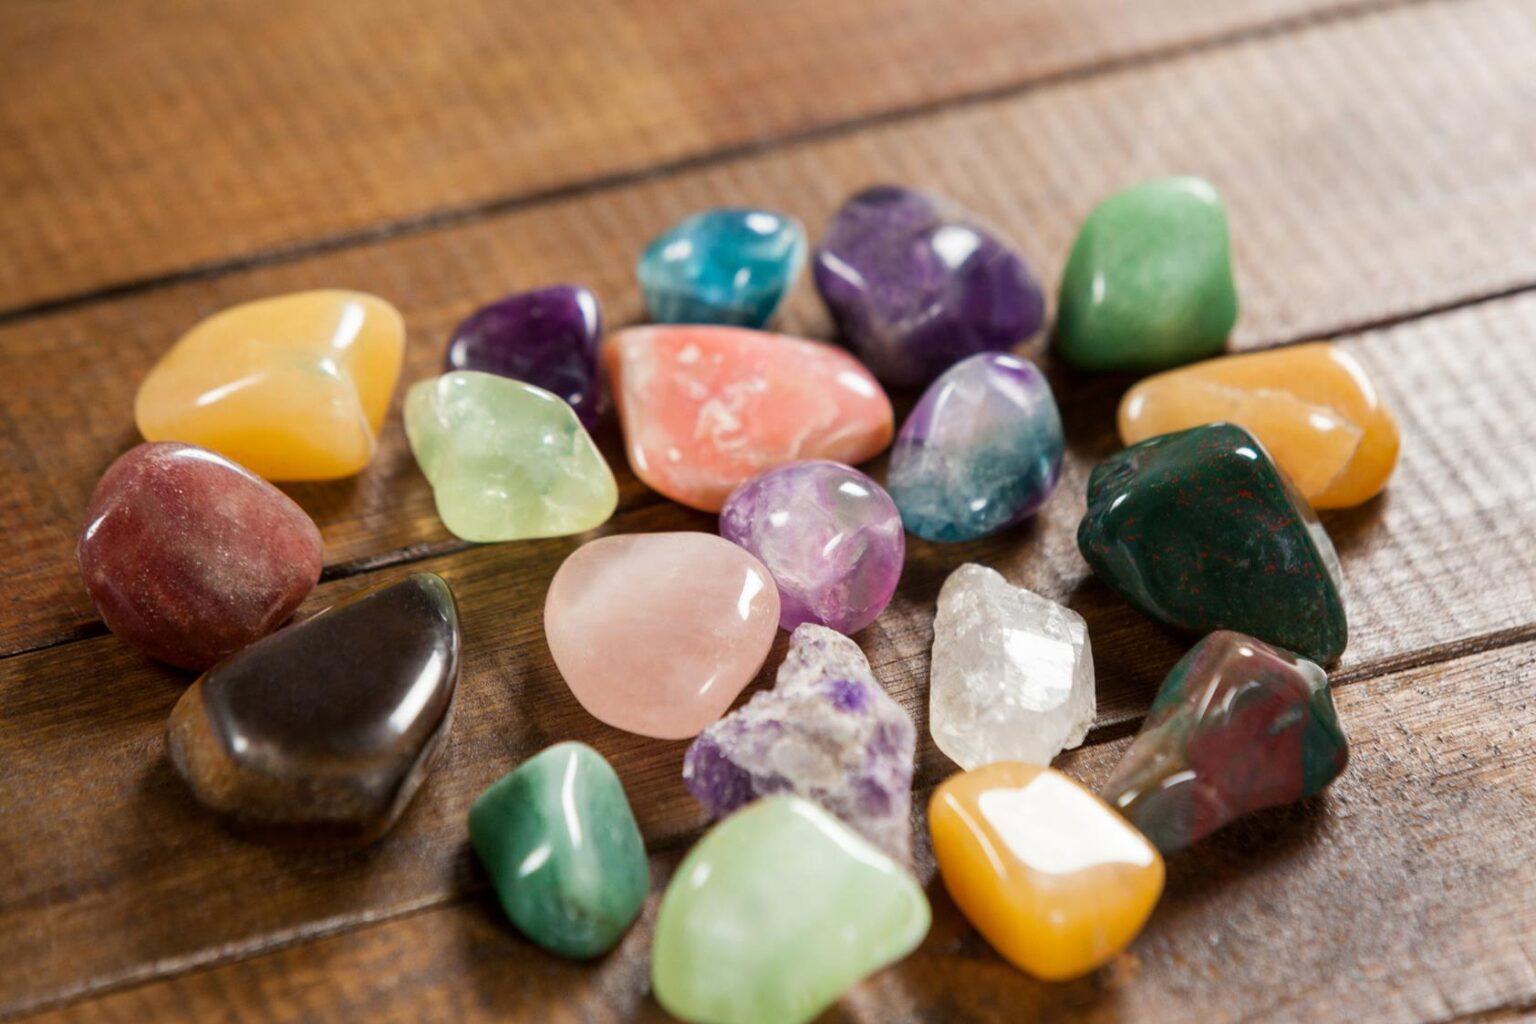 colorful-pebbles-stones (Copy)